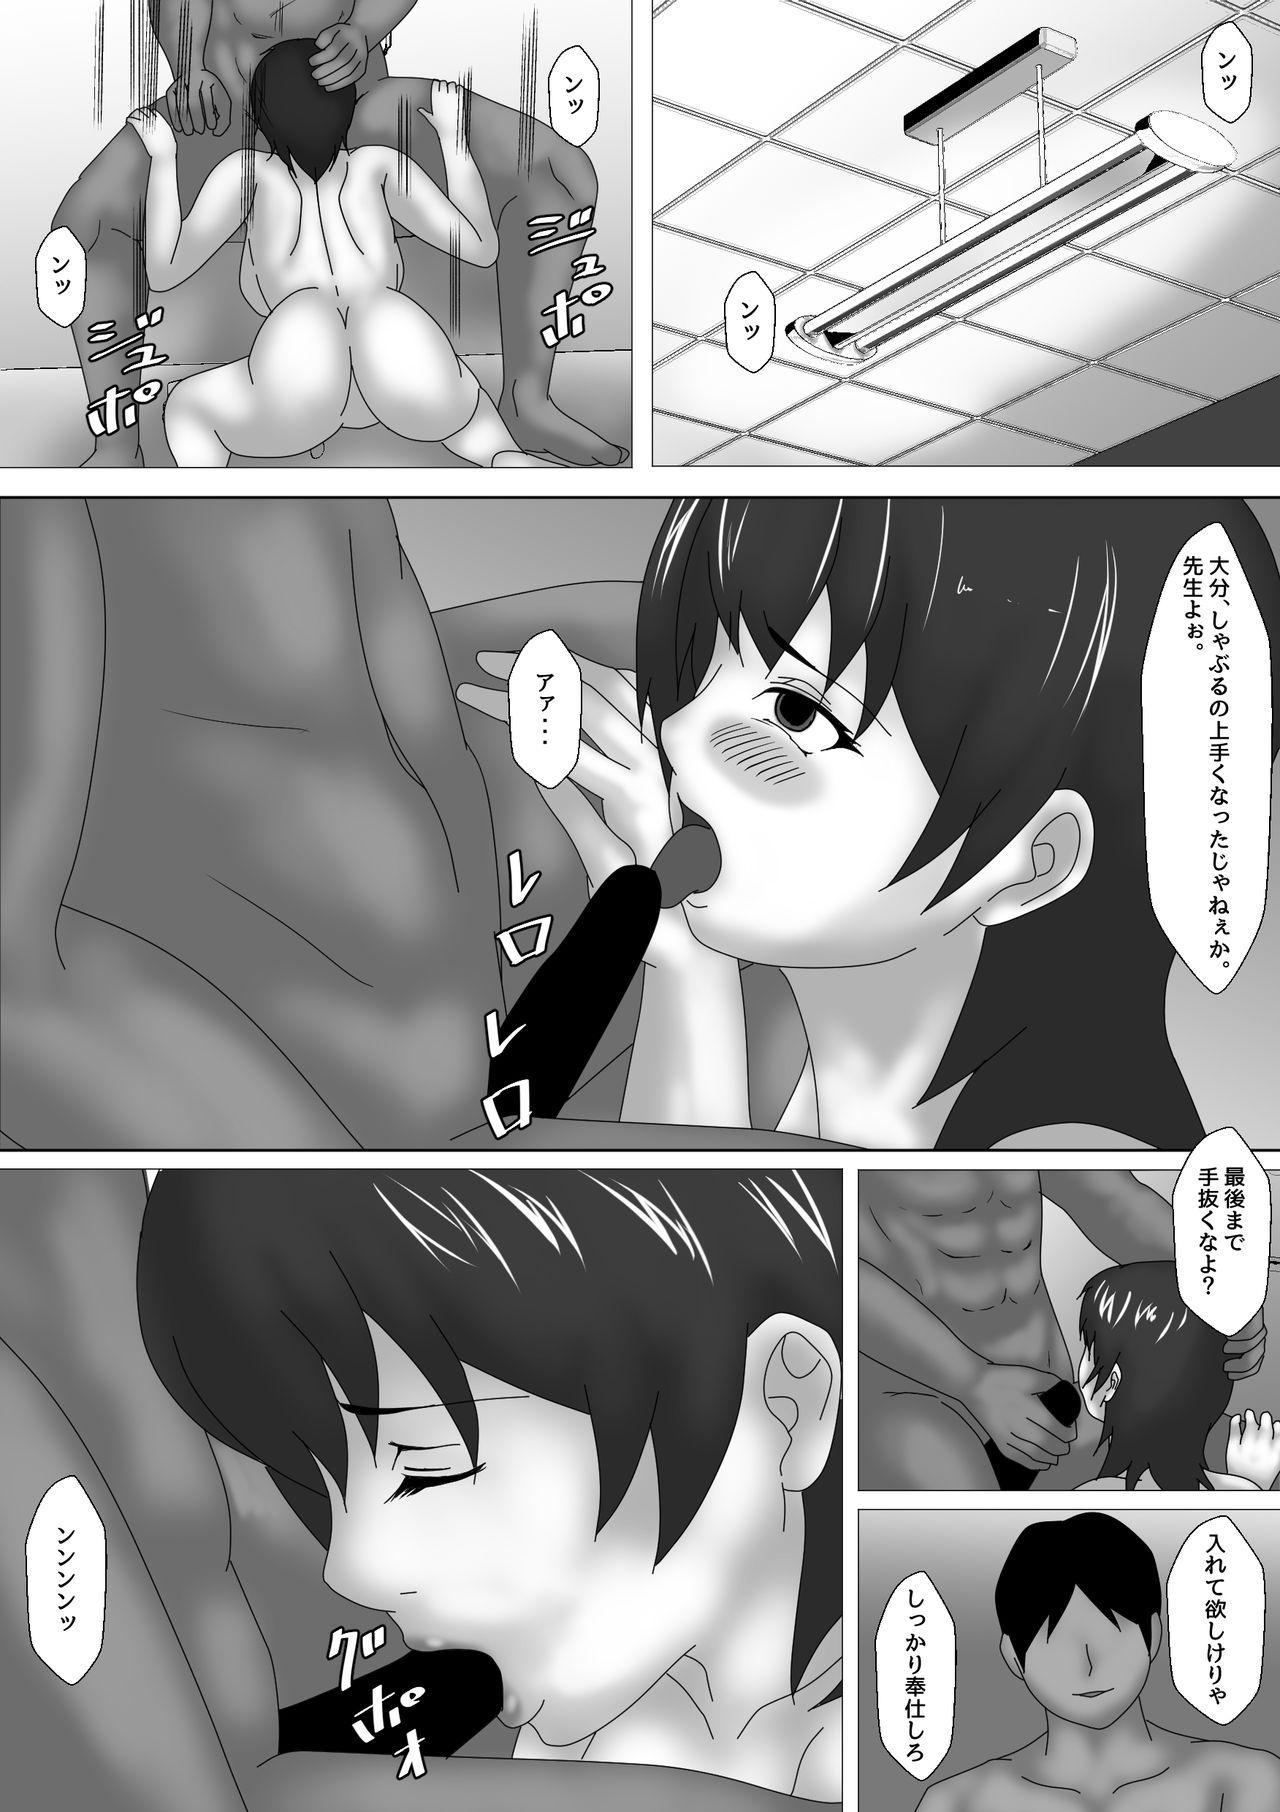 Onna Kyoushi Shinozaki Rin no Choukyou Kiroku 2